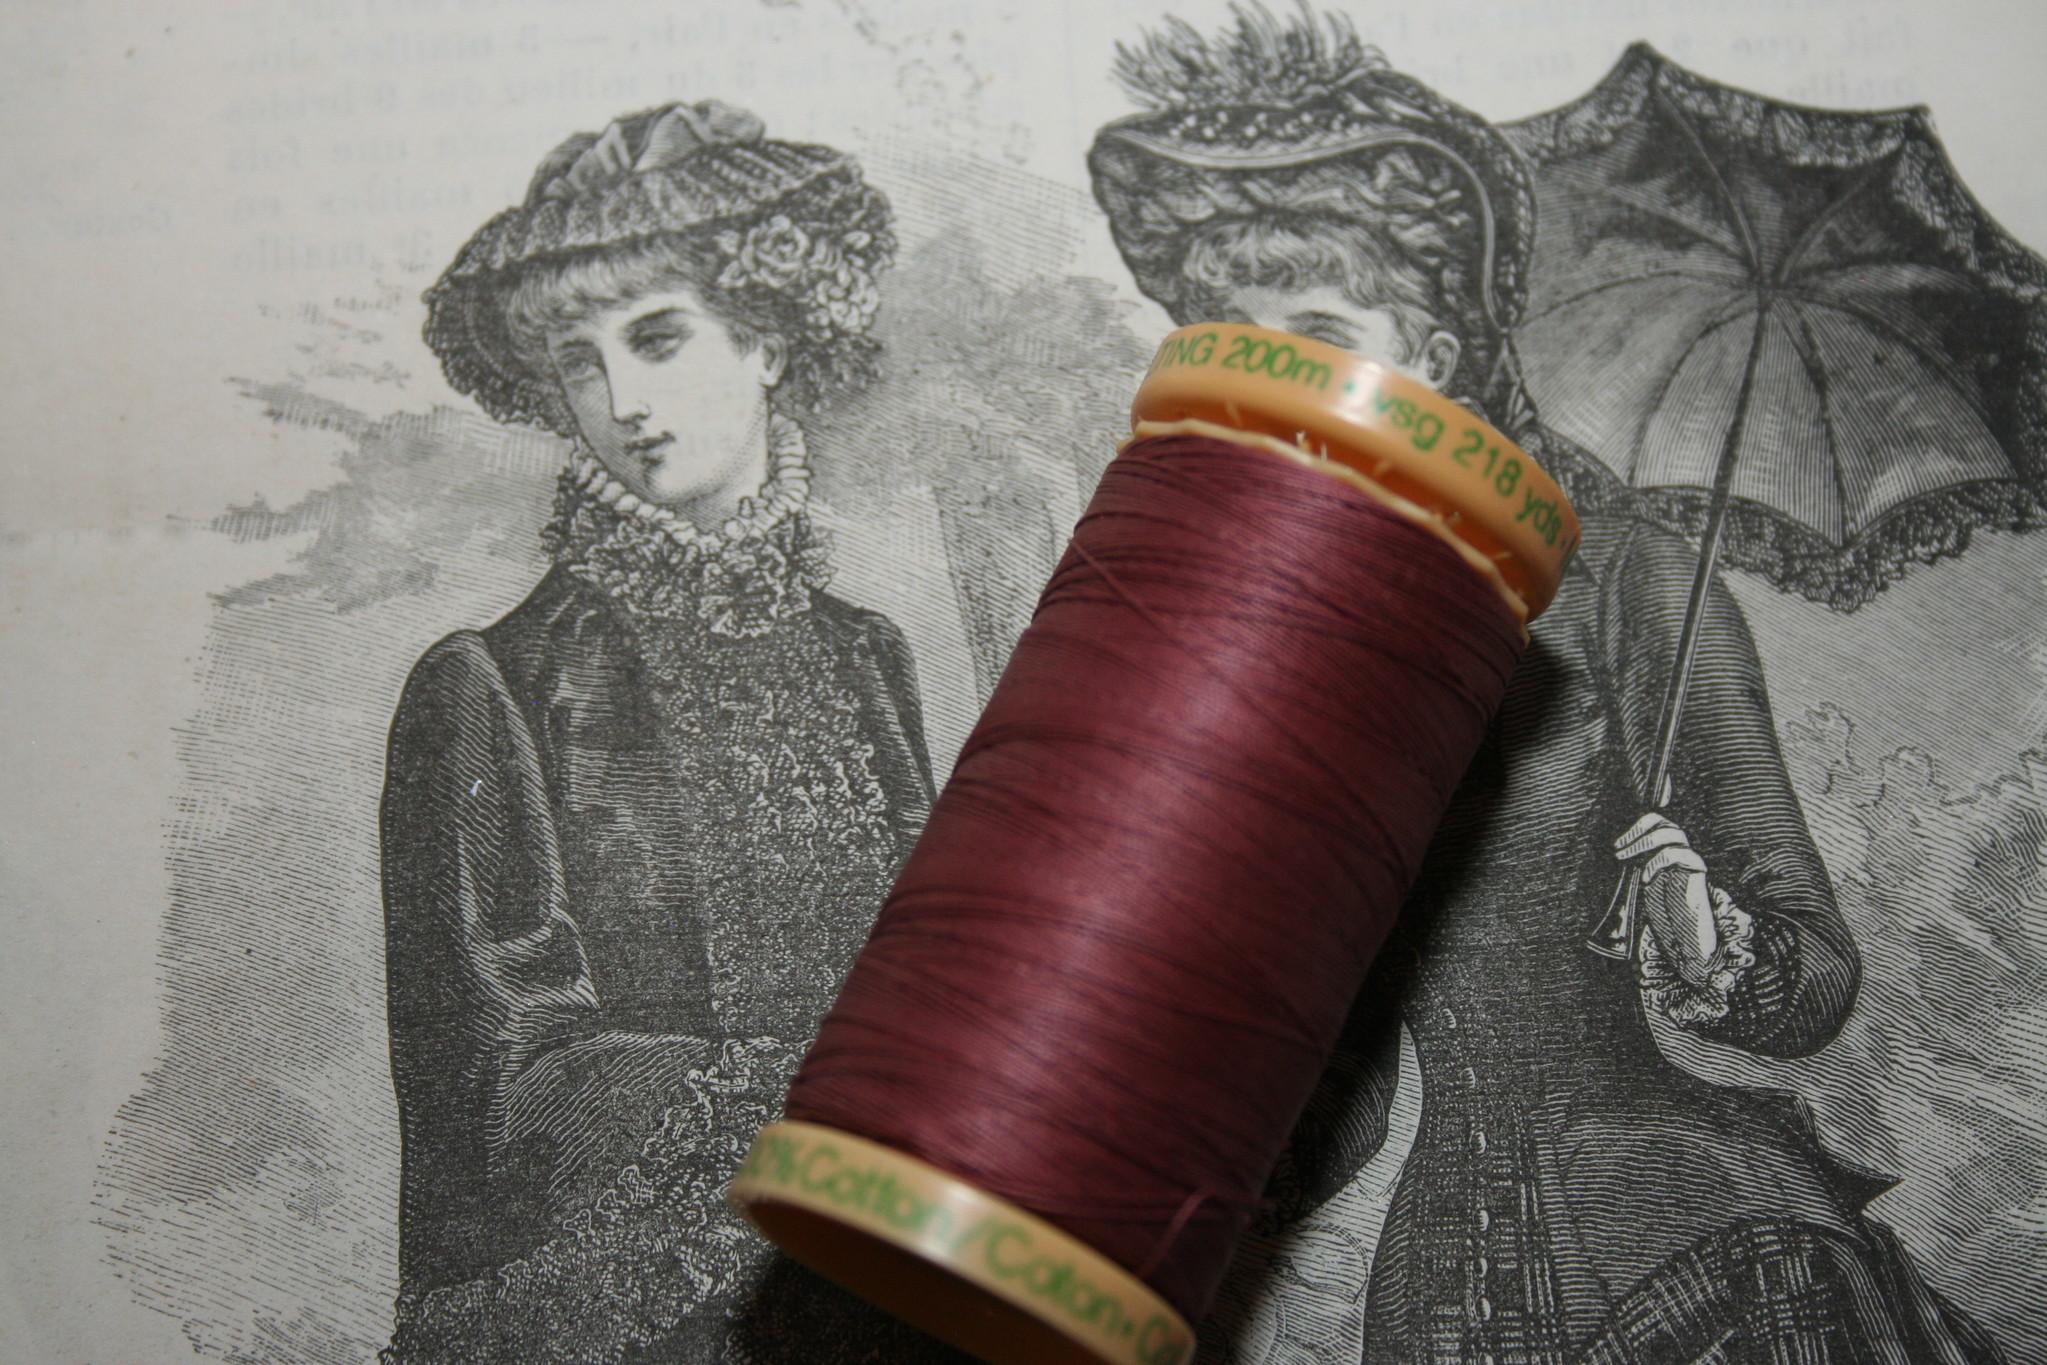 Gutermann quilt cotton thread.